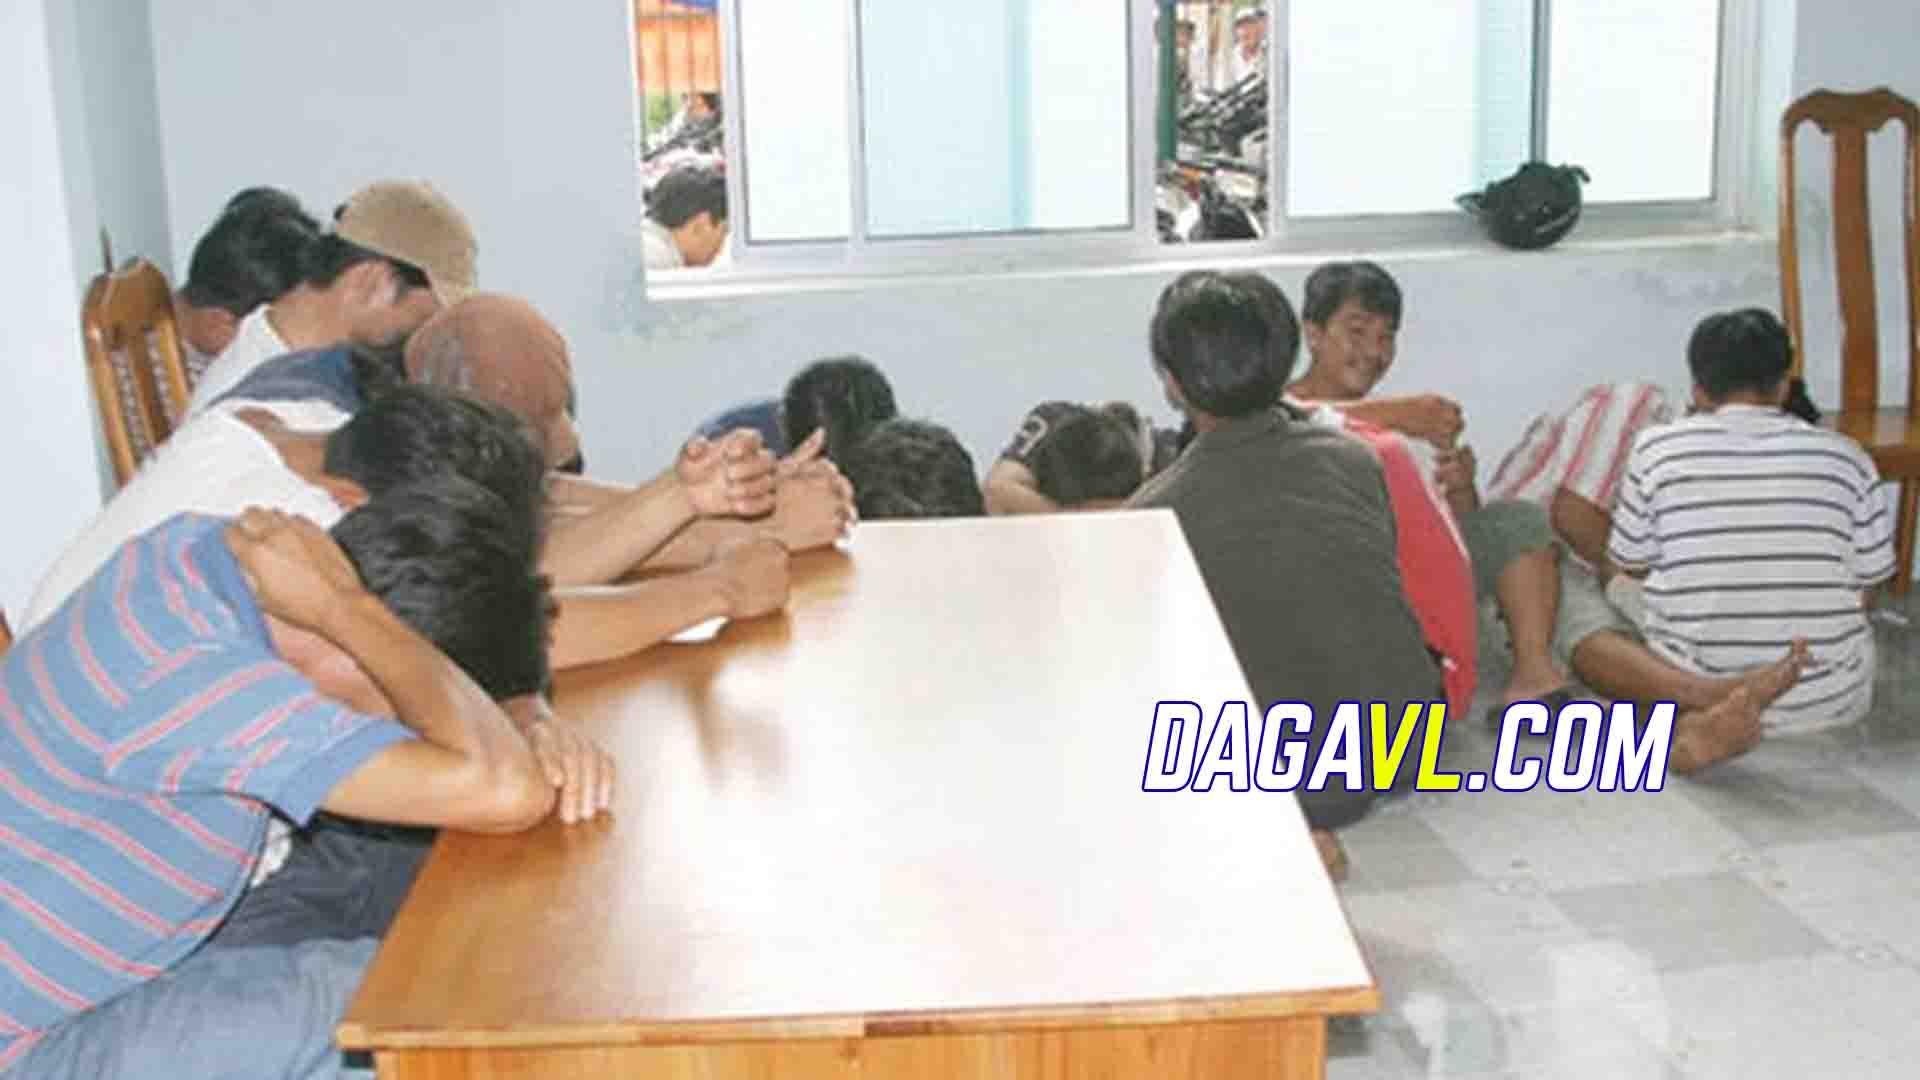 DAGAVL.COM - Trường đá gà có giấy phép bị bắt